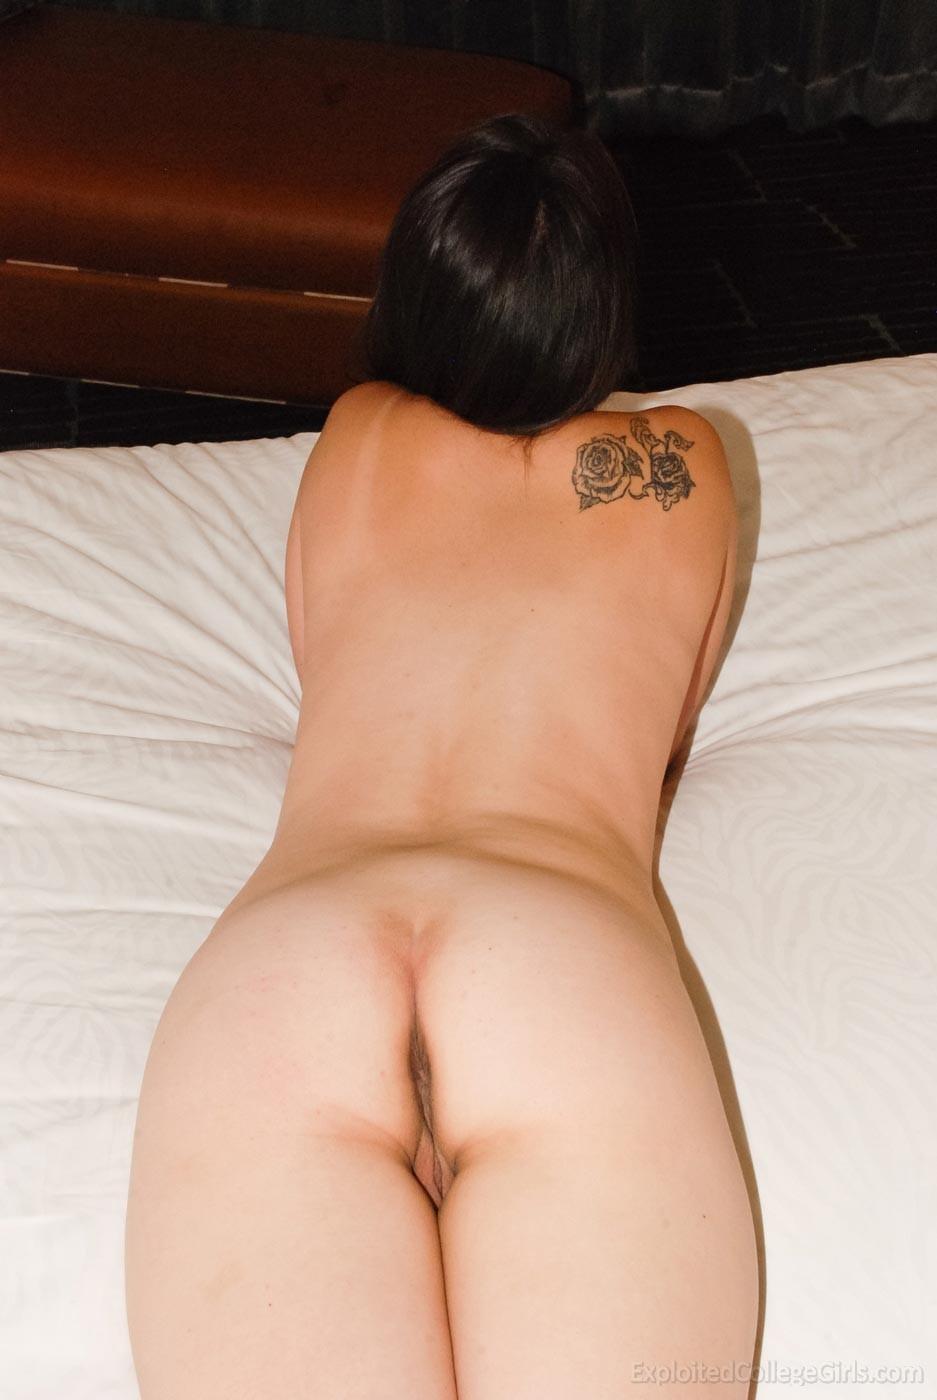 Симпатичная брюнетка Alejandra хороша, хоть и грудка не большая у нее, зато соски прикольные